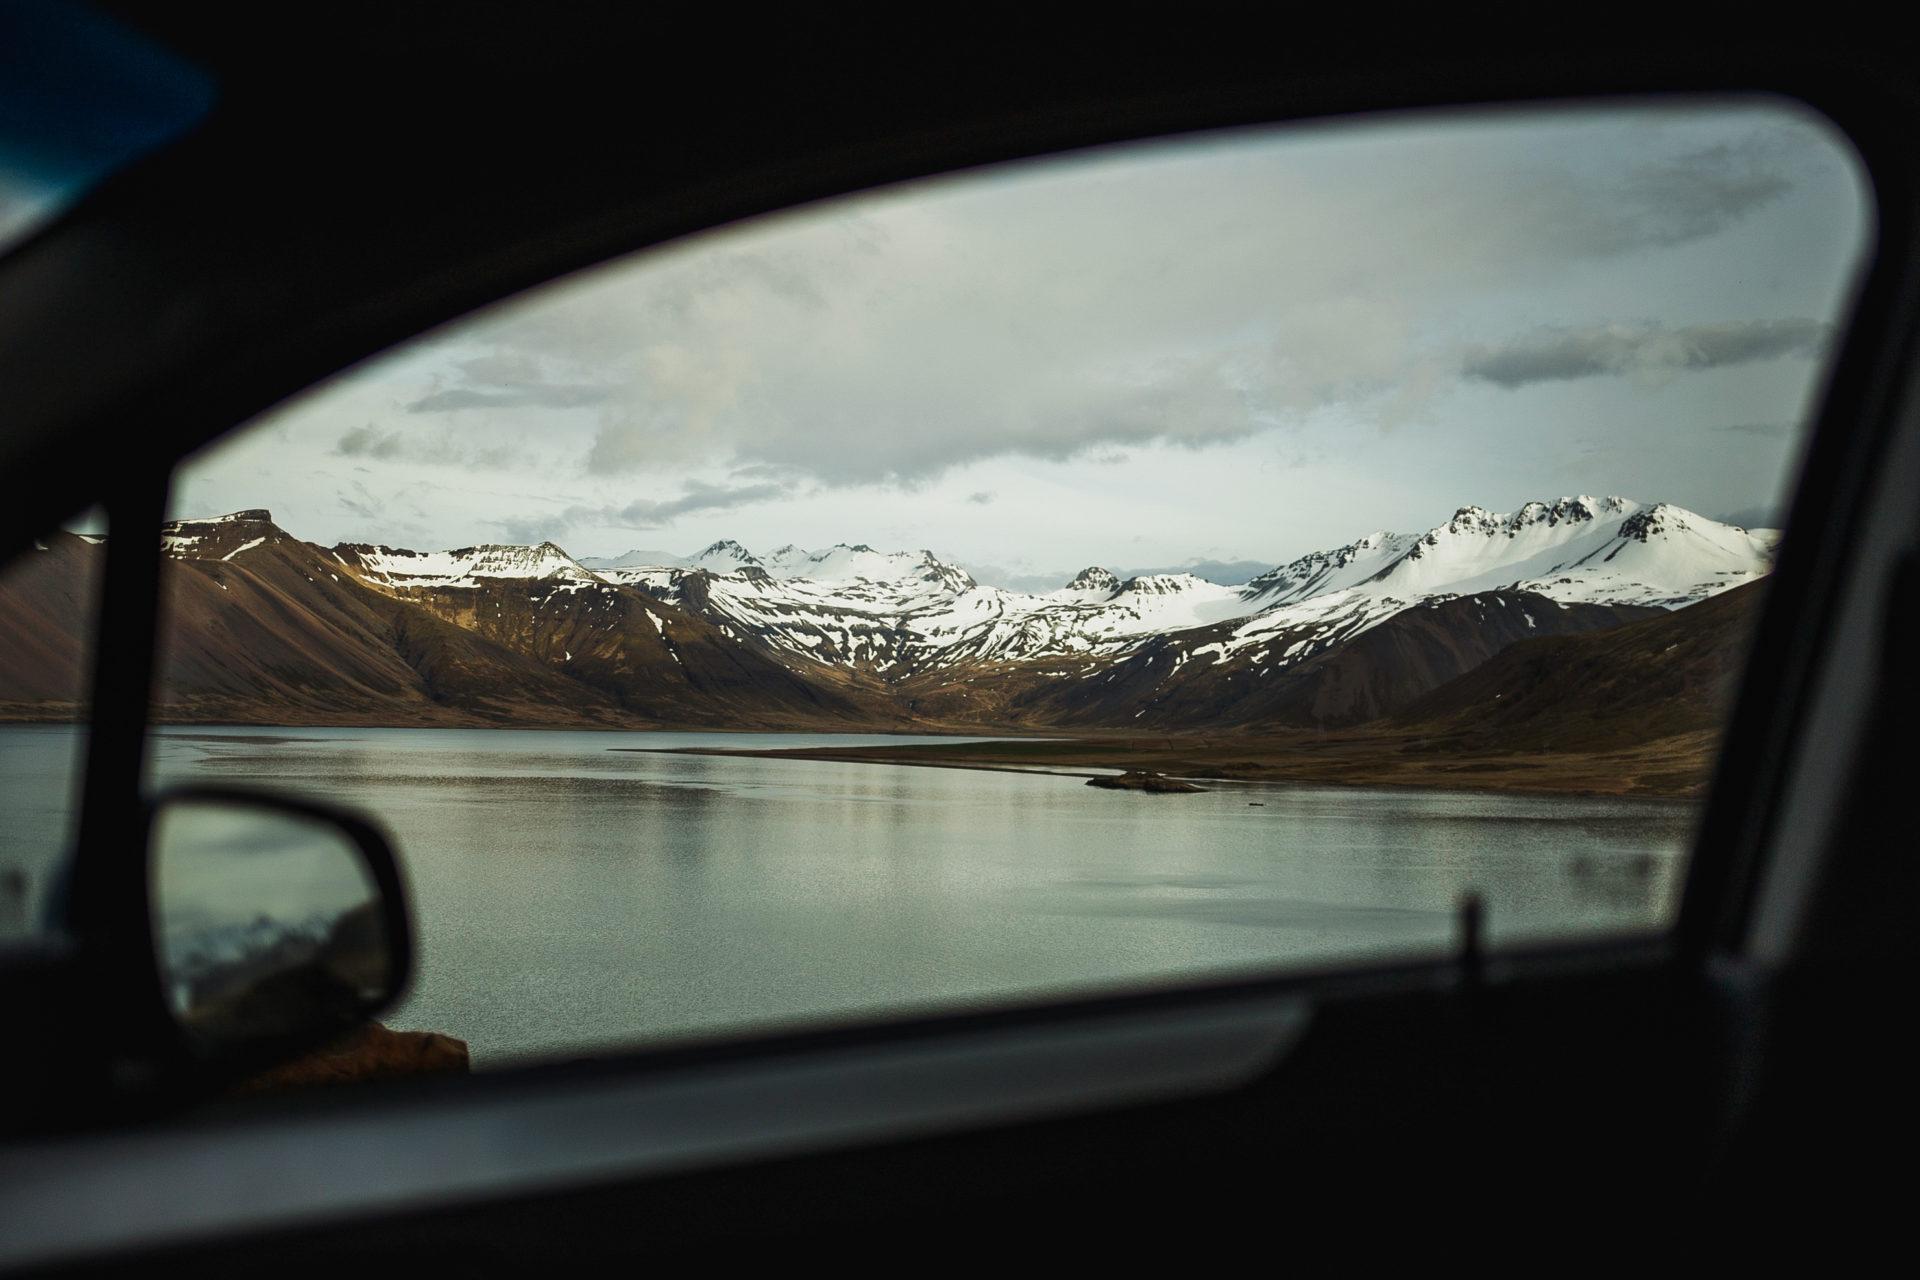 Iceland_Island_0014_Carolin-Weinkopf